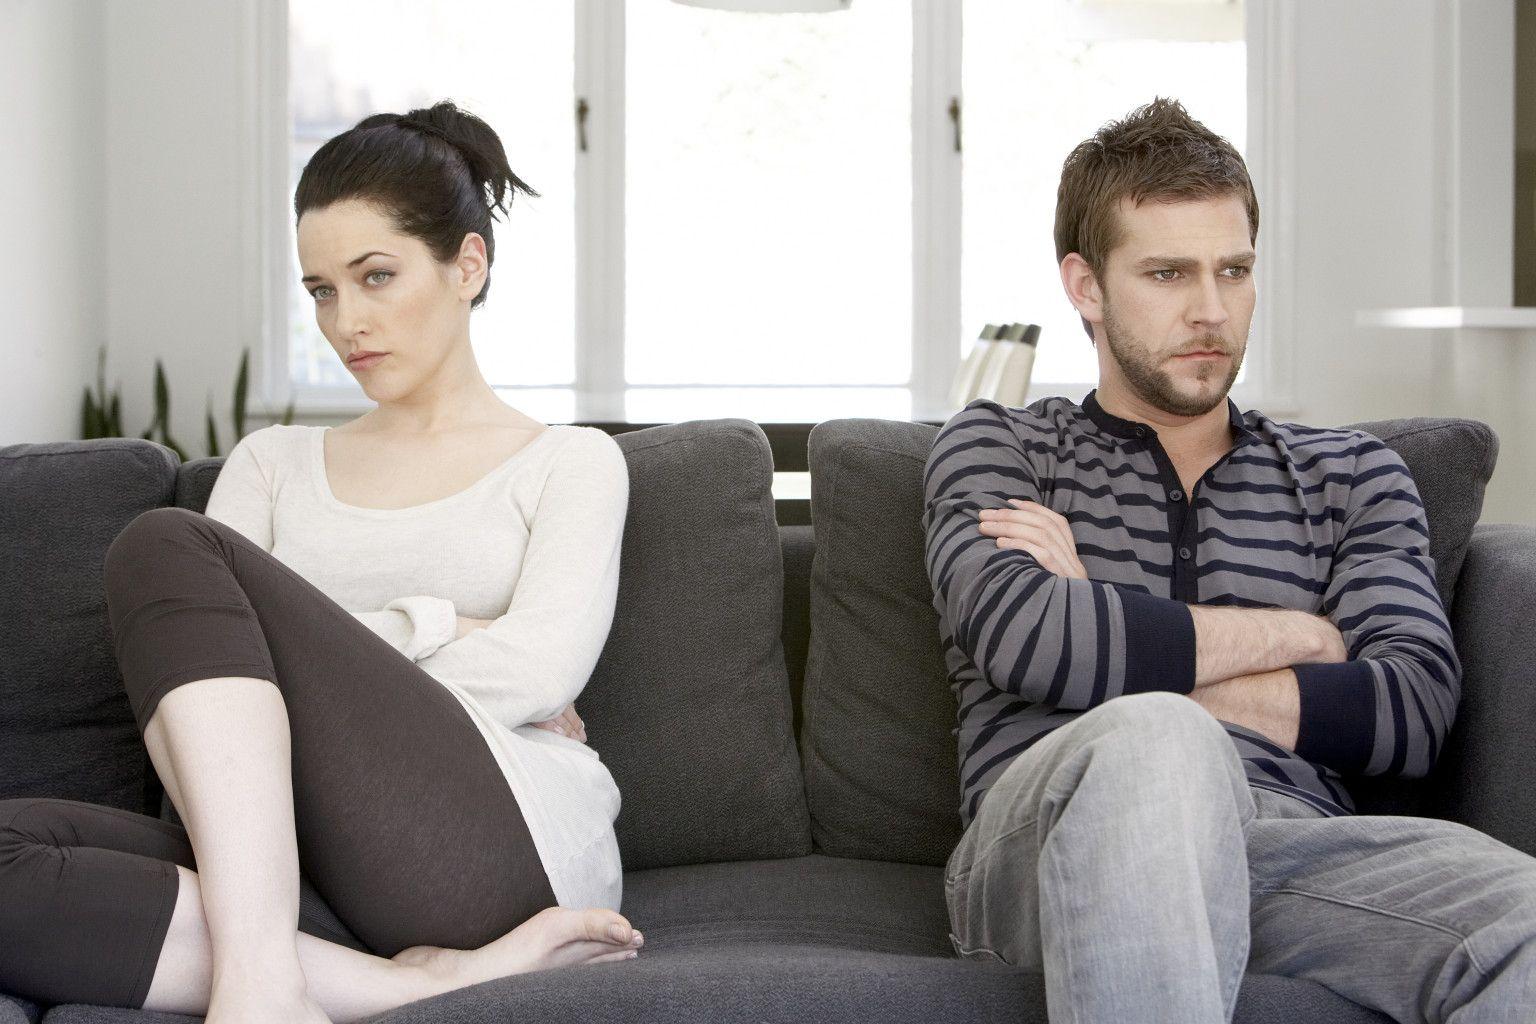 El 94% de los hombres dejaría a su pareja si sube de peso